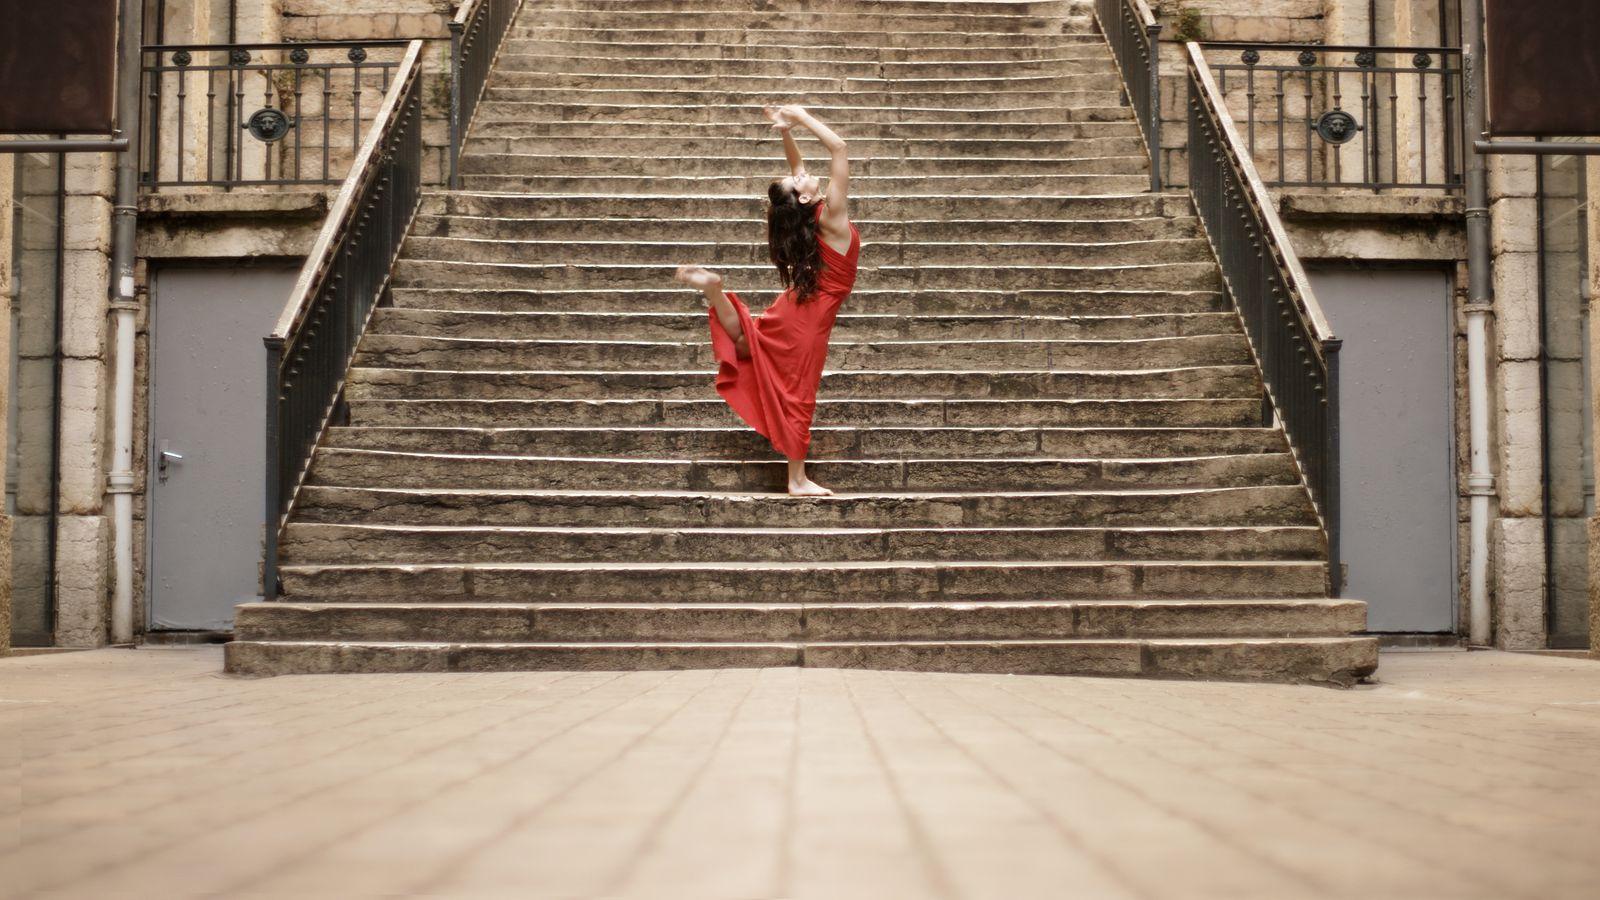 Mathilde, en robe rouge, fait de la danse contemporaine Passage Thiaffait. Elle a, alors une position très dynamique, comme un élan vers le ciel.